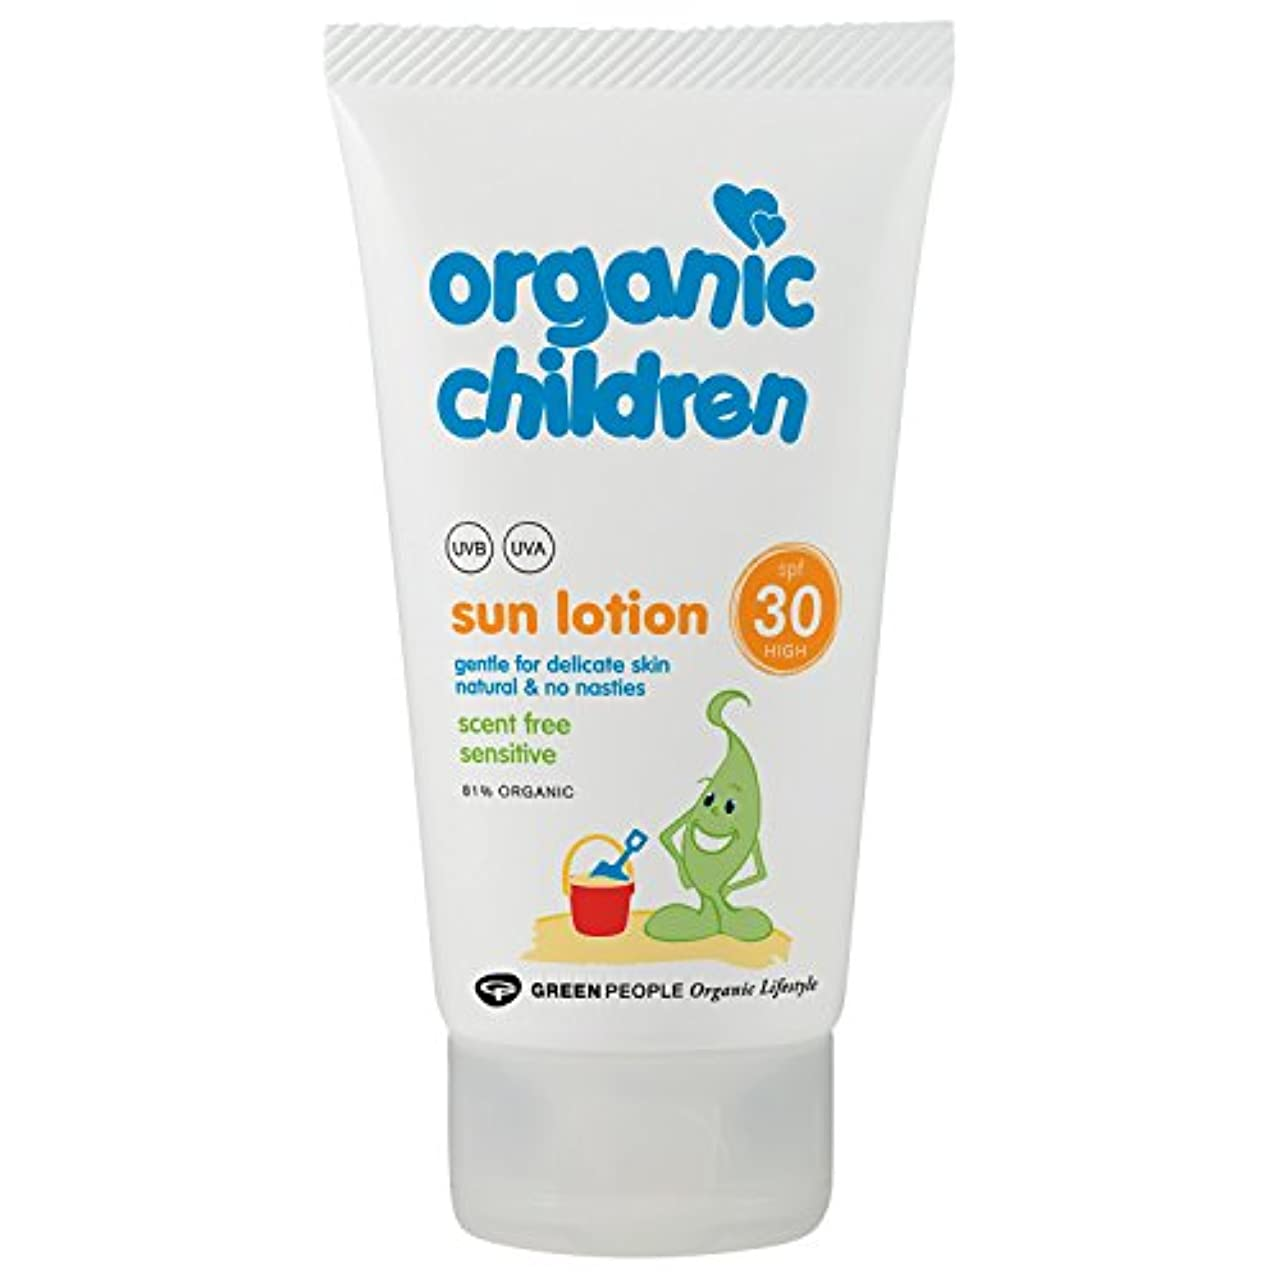 ミルハンカチ上回る有機子どもたちは30日のローション150グラムを x4 - Organic Children SPF 30 Sun Lotion 150g (Pack of 4) [並行輸入品]